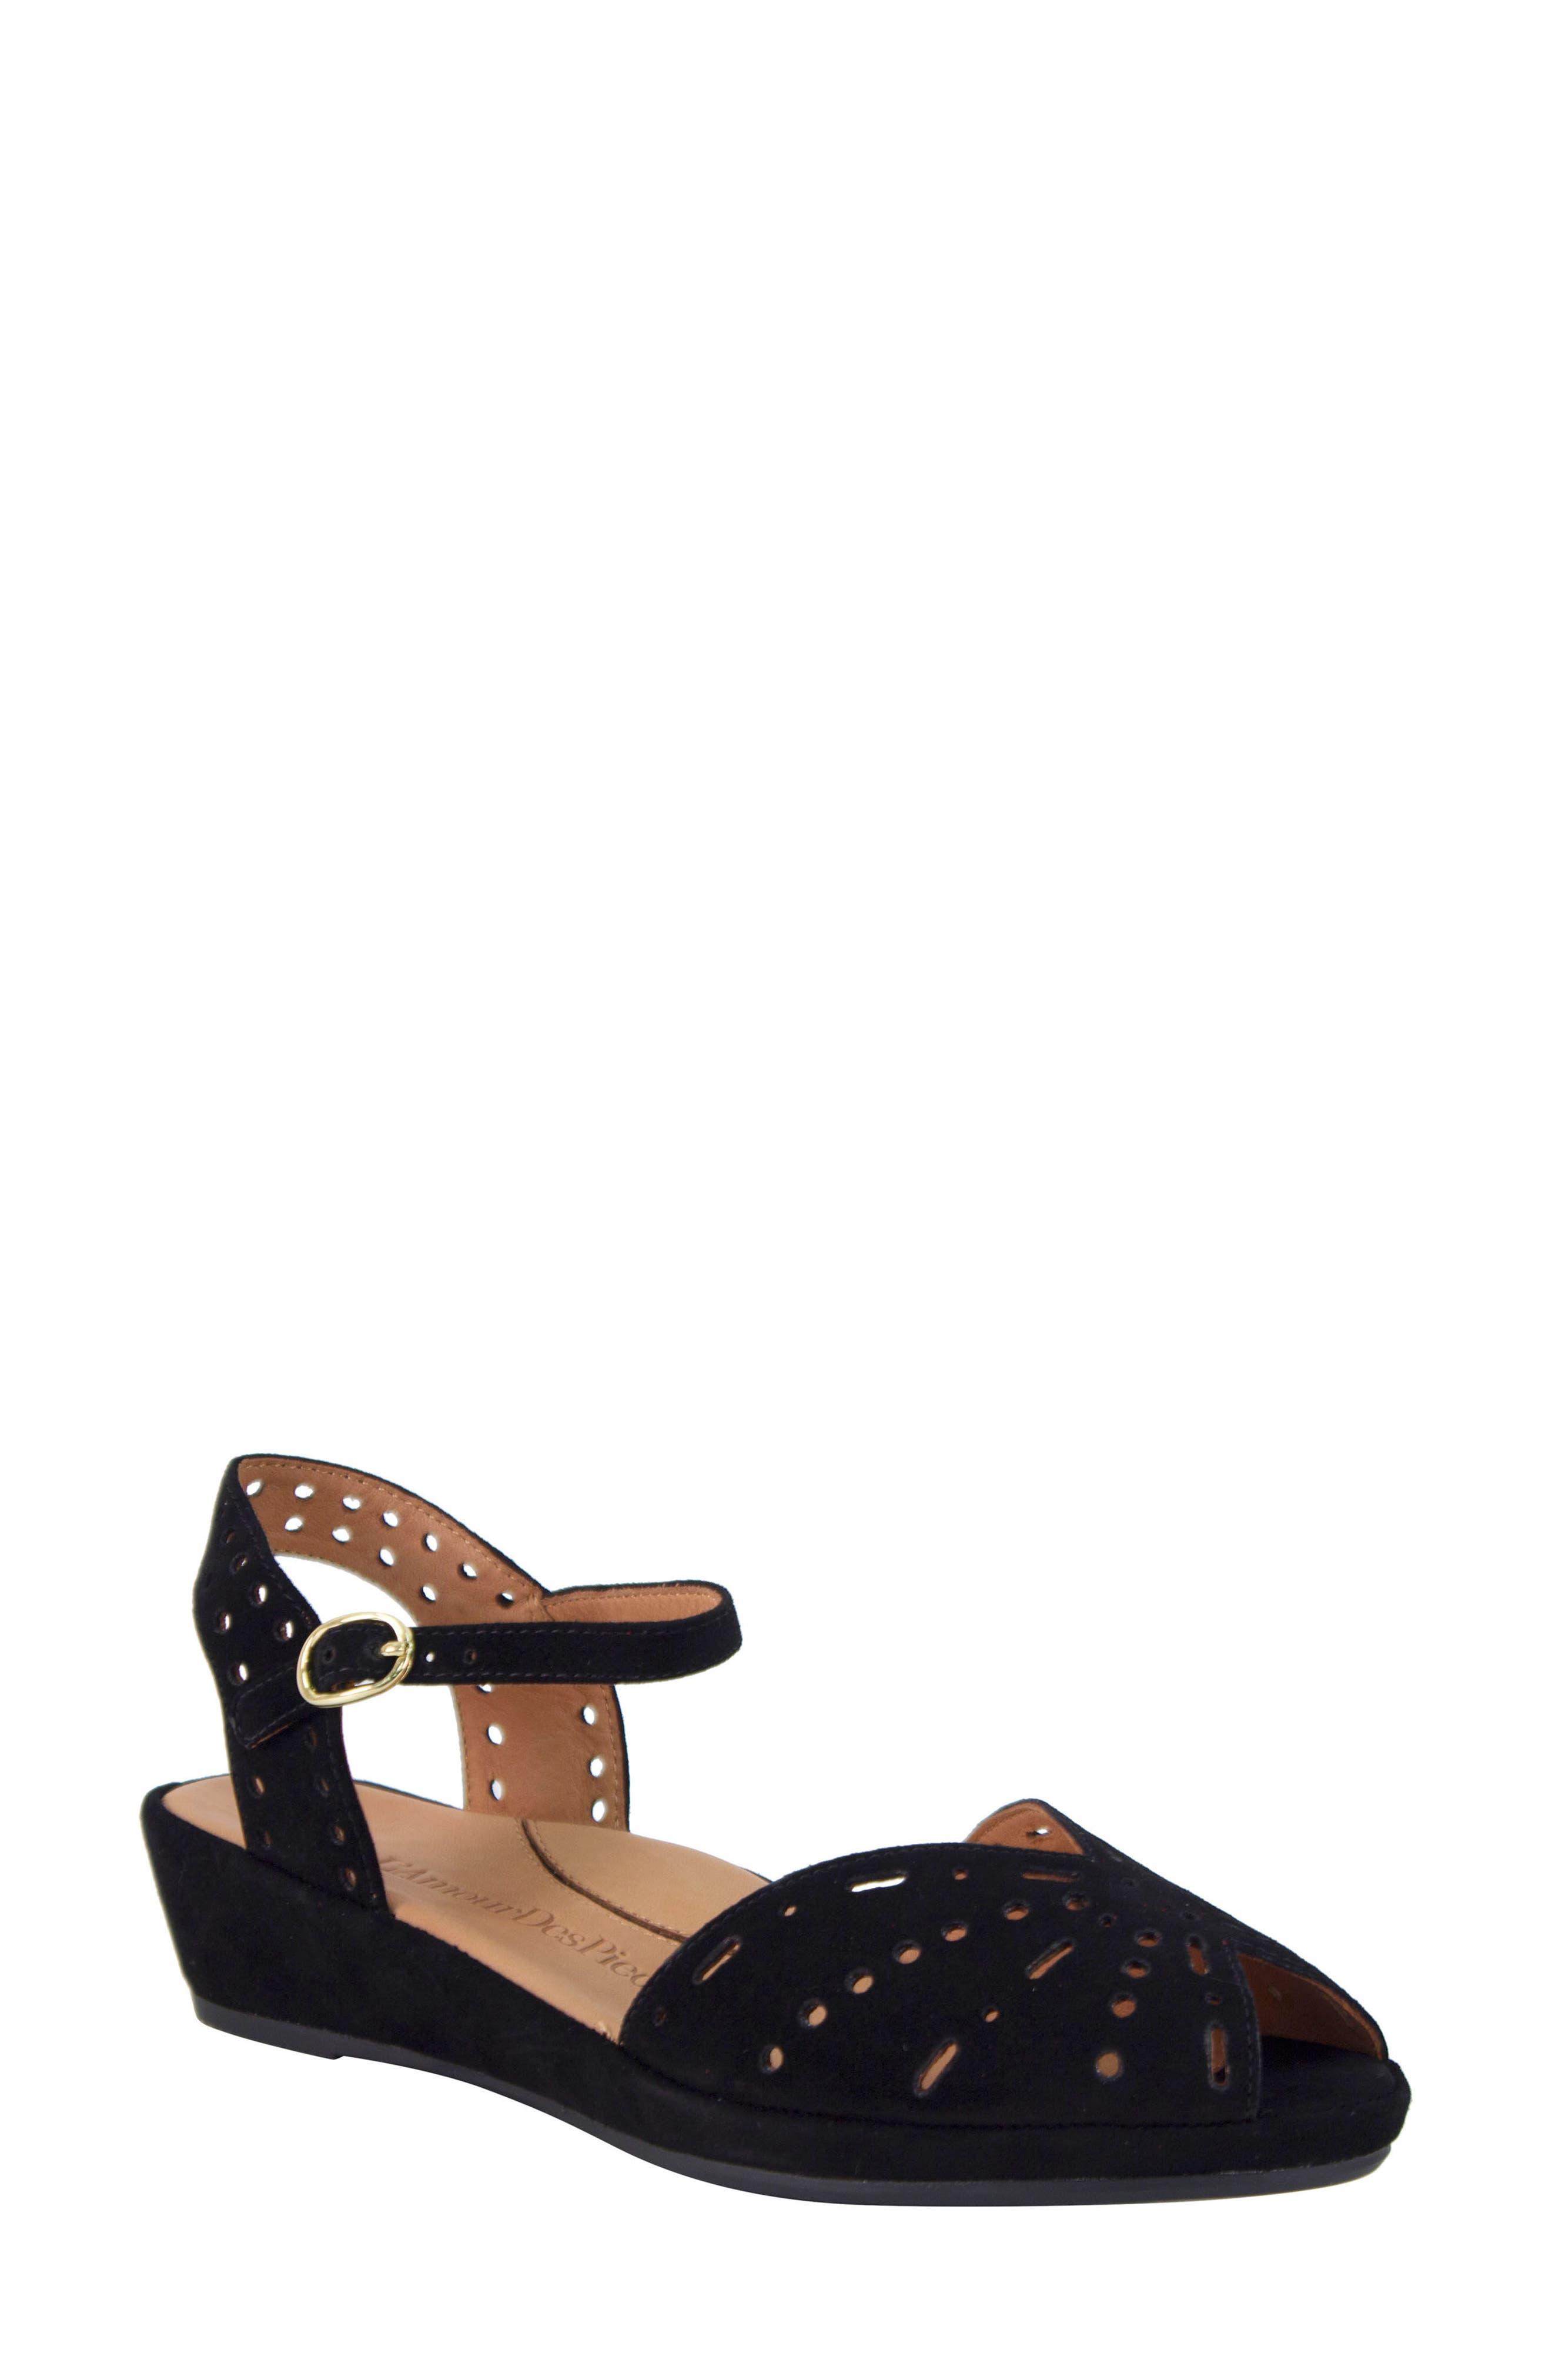 'Brenn' Ankle Strap Sandal,                         Main,                         color, 001